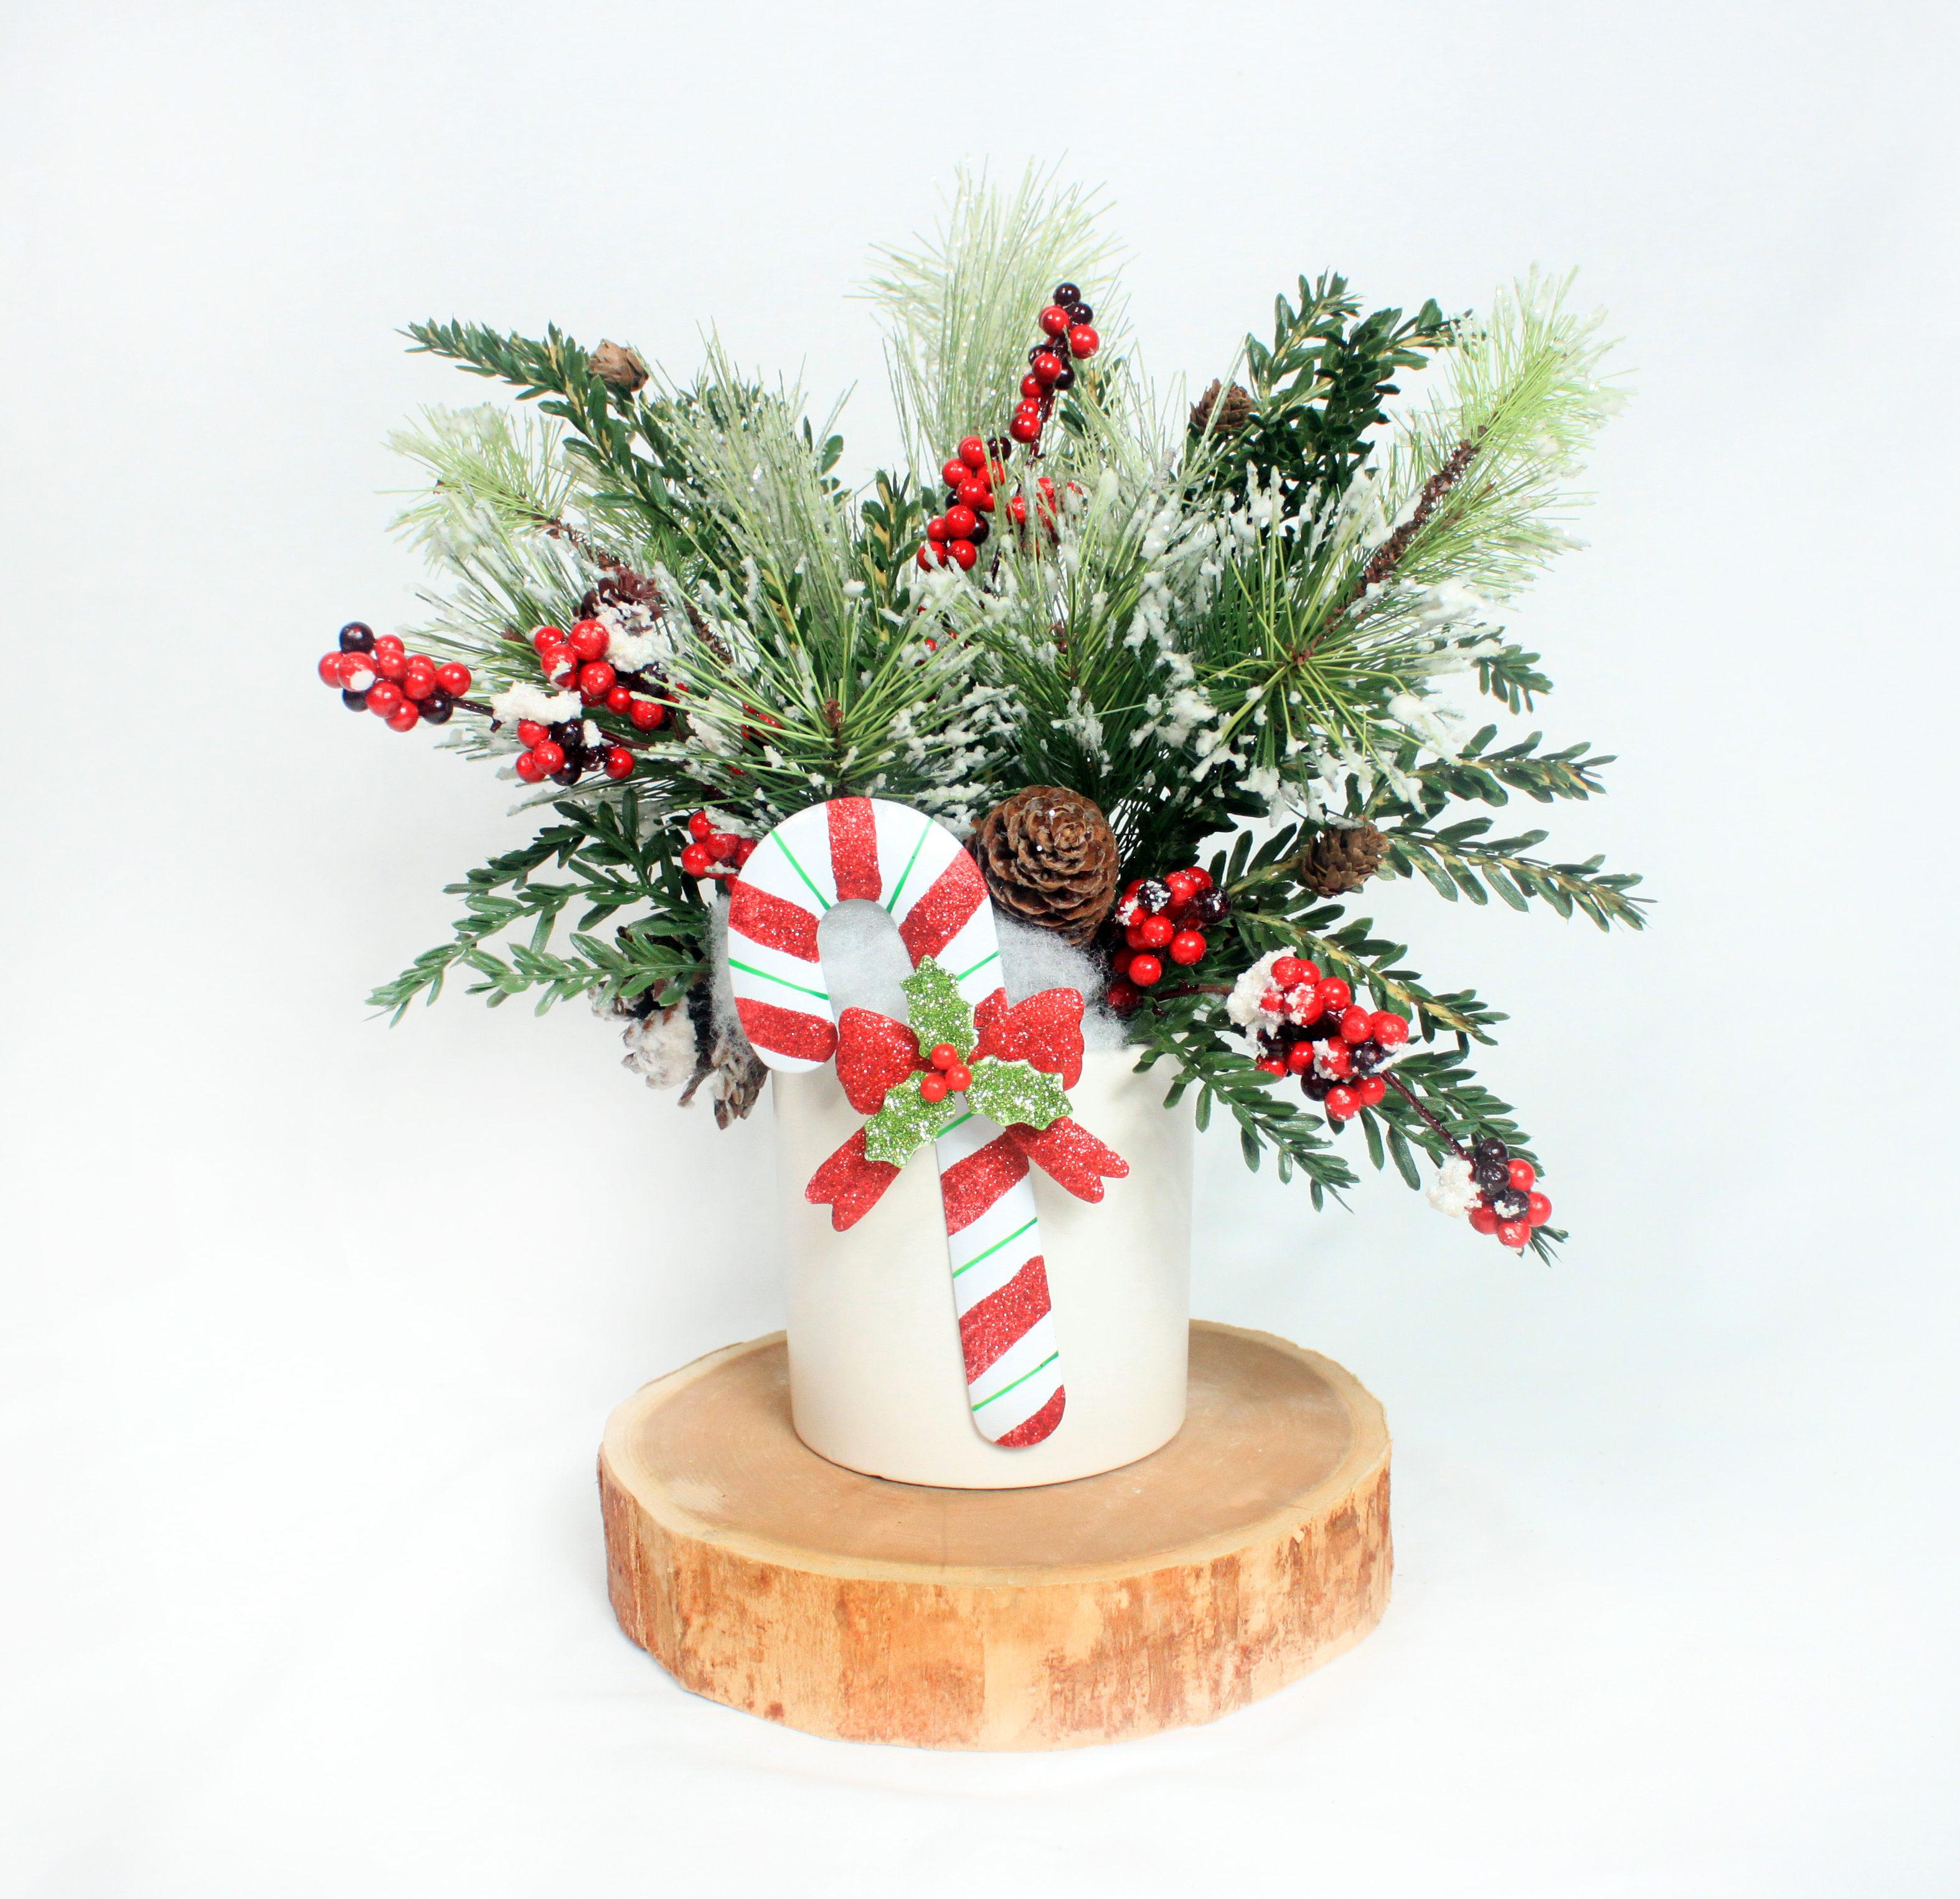 wreaths & holiday decor